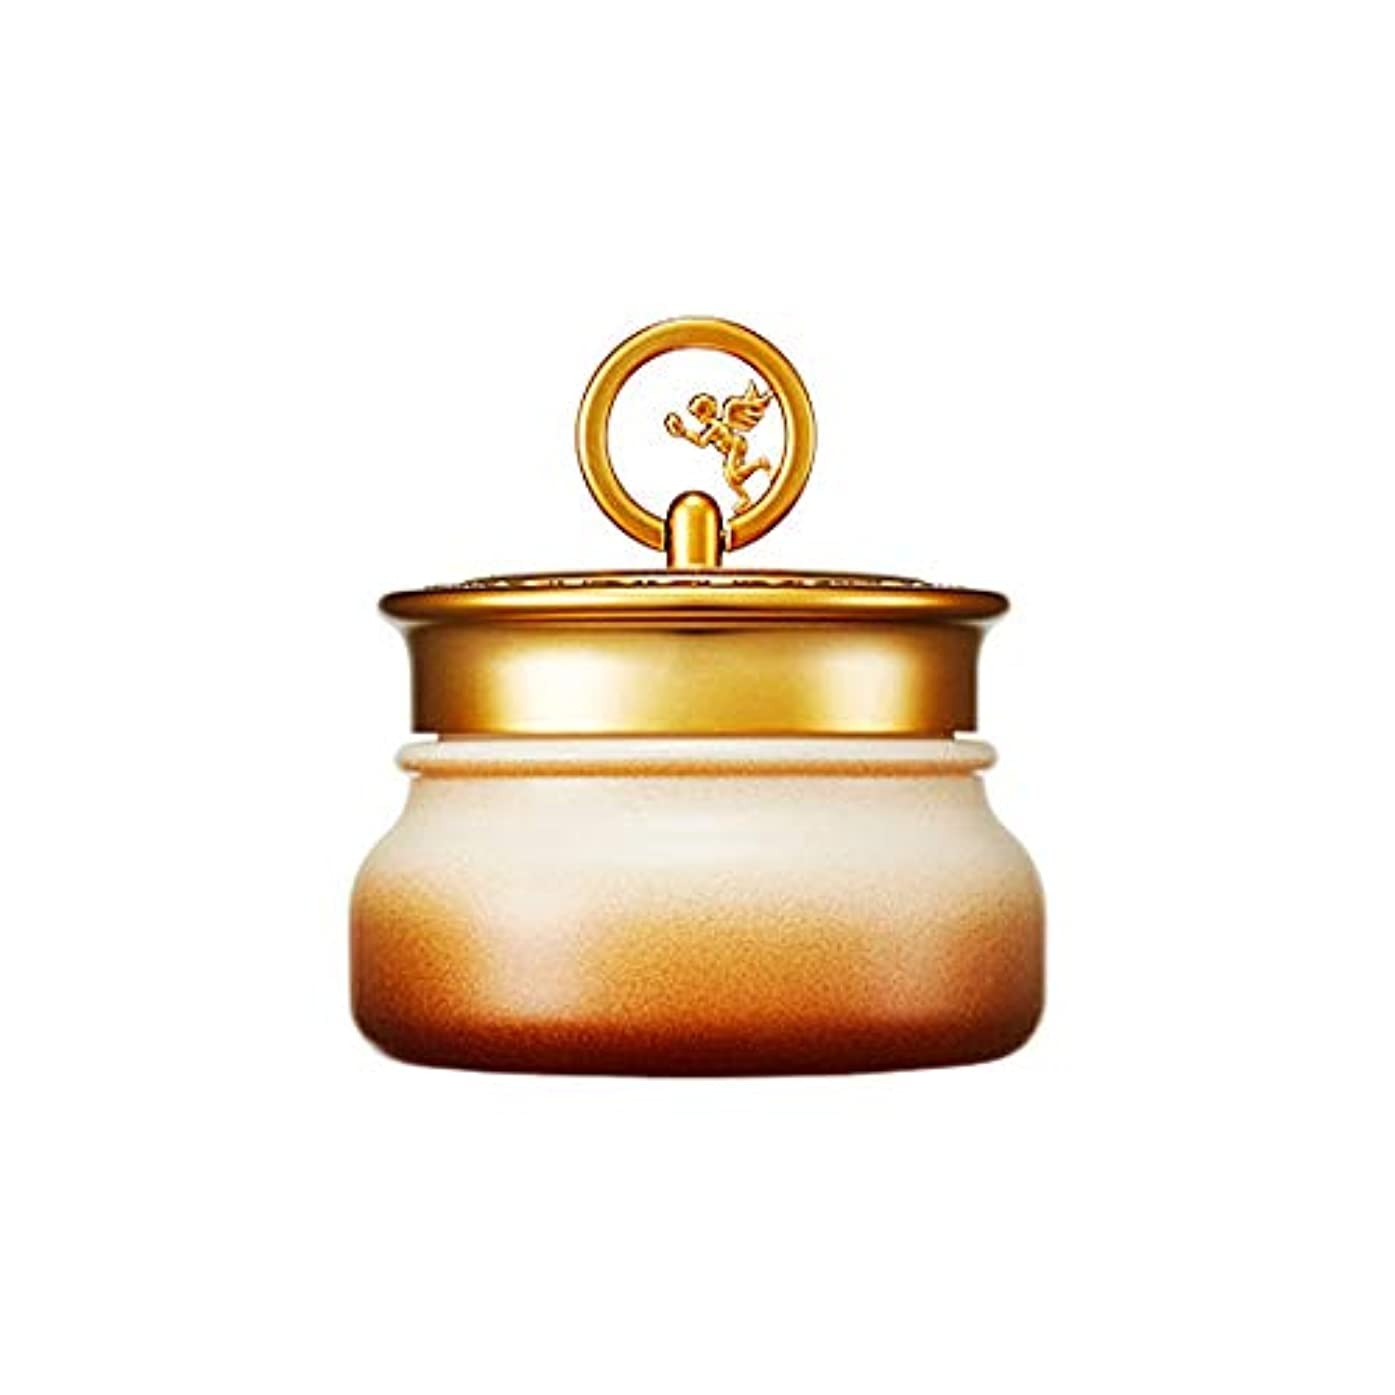 呼び起こす樹皮友だちSkinfood ゴールドキャビアクリーム(しわケア) / Gold Caviar Cream (wrinkle care) 45g [並行輸入品]